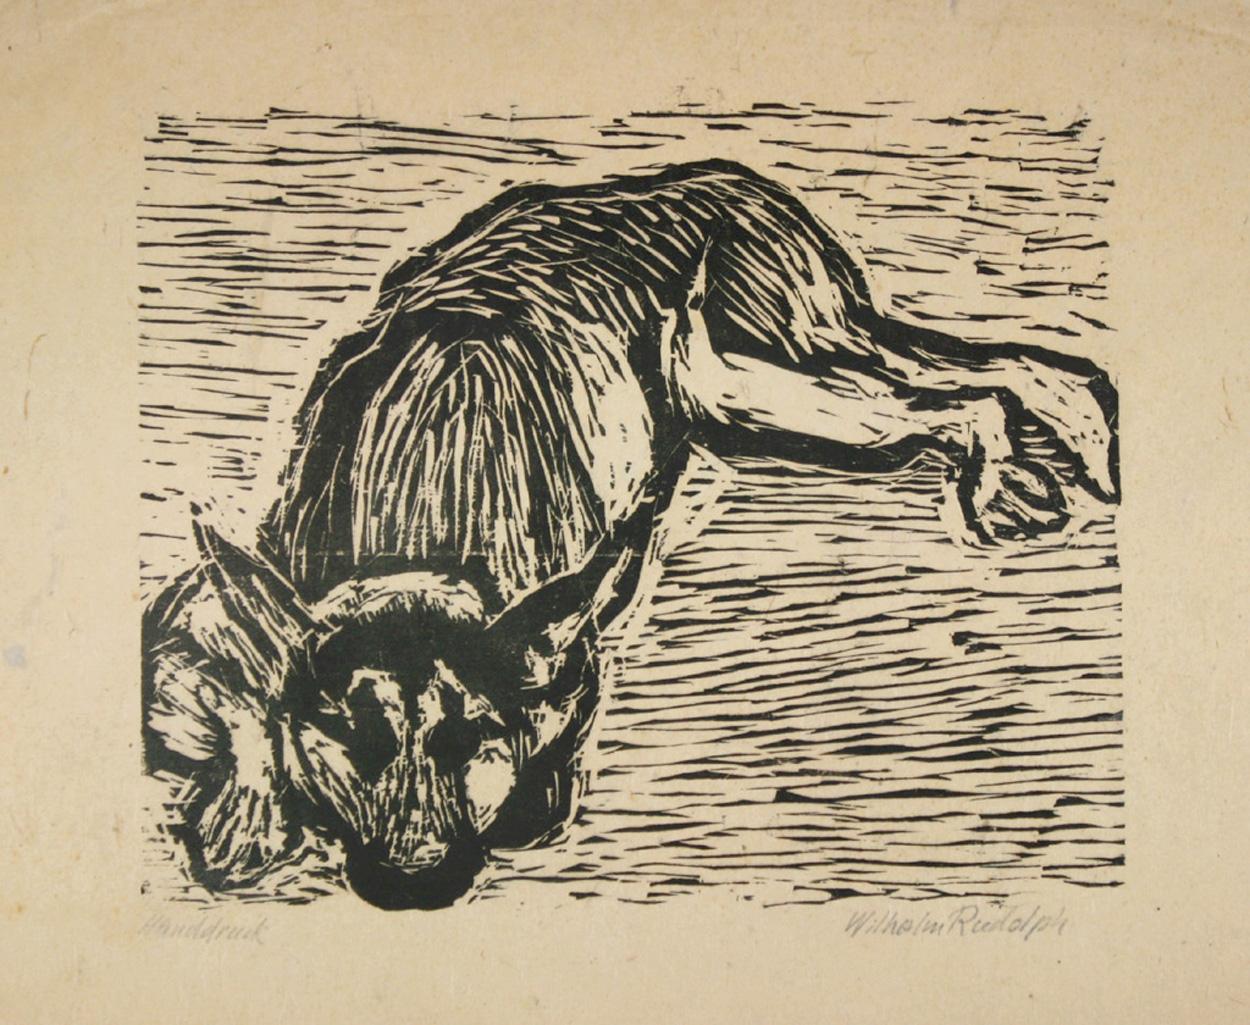 Wilhelm Rudolph, Ruhender Schäferhund